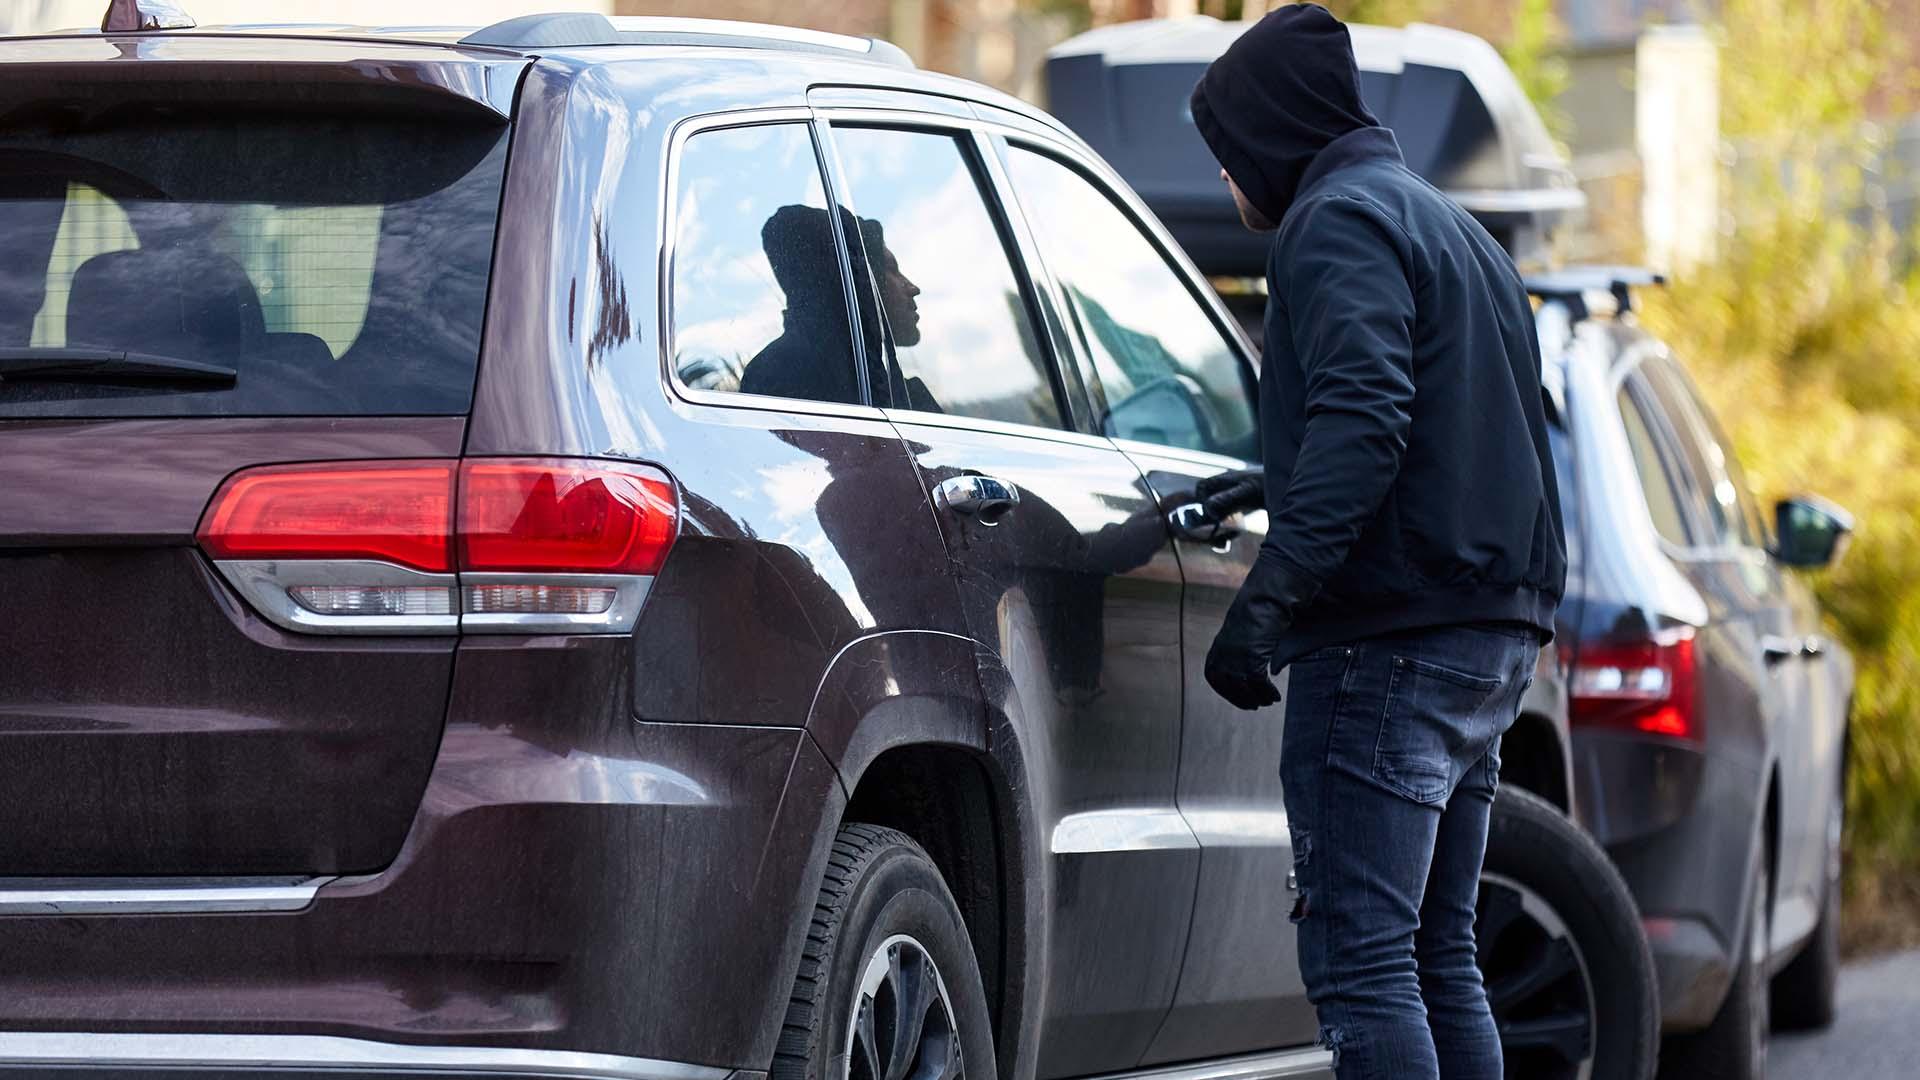 Lockdown car crime